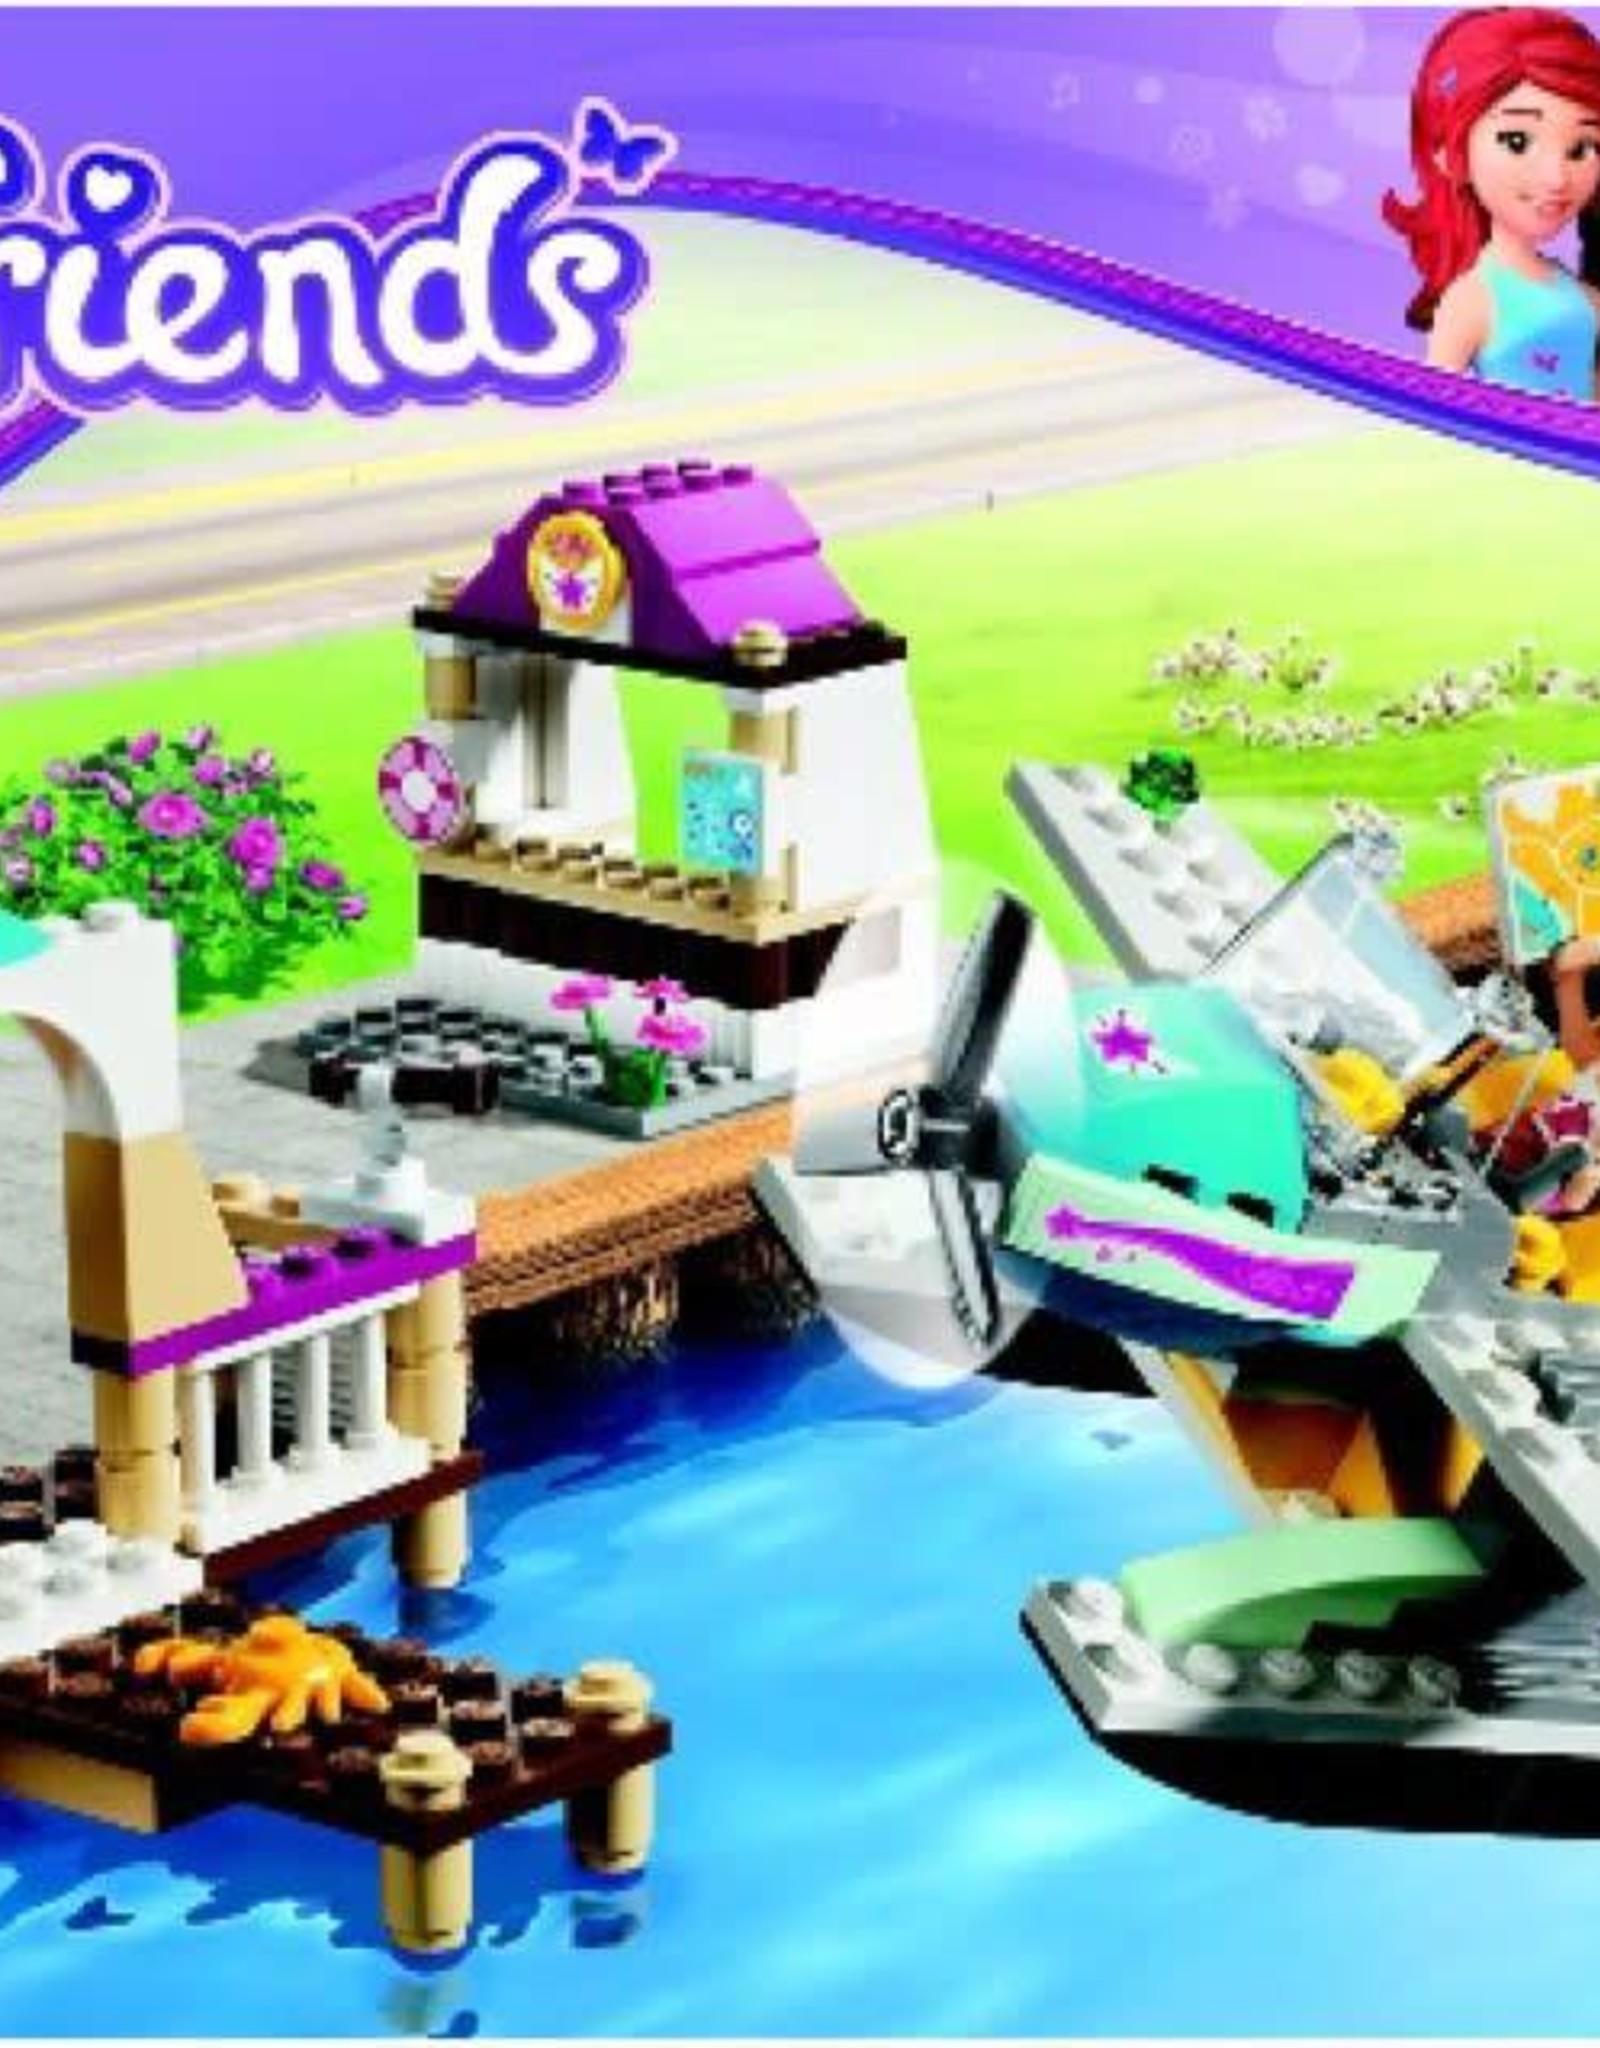 LEGO LEGO 3063 Heartlake Vliegclub FRIENDS